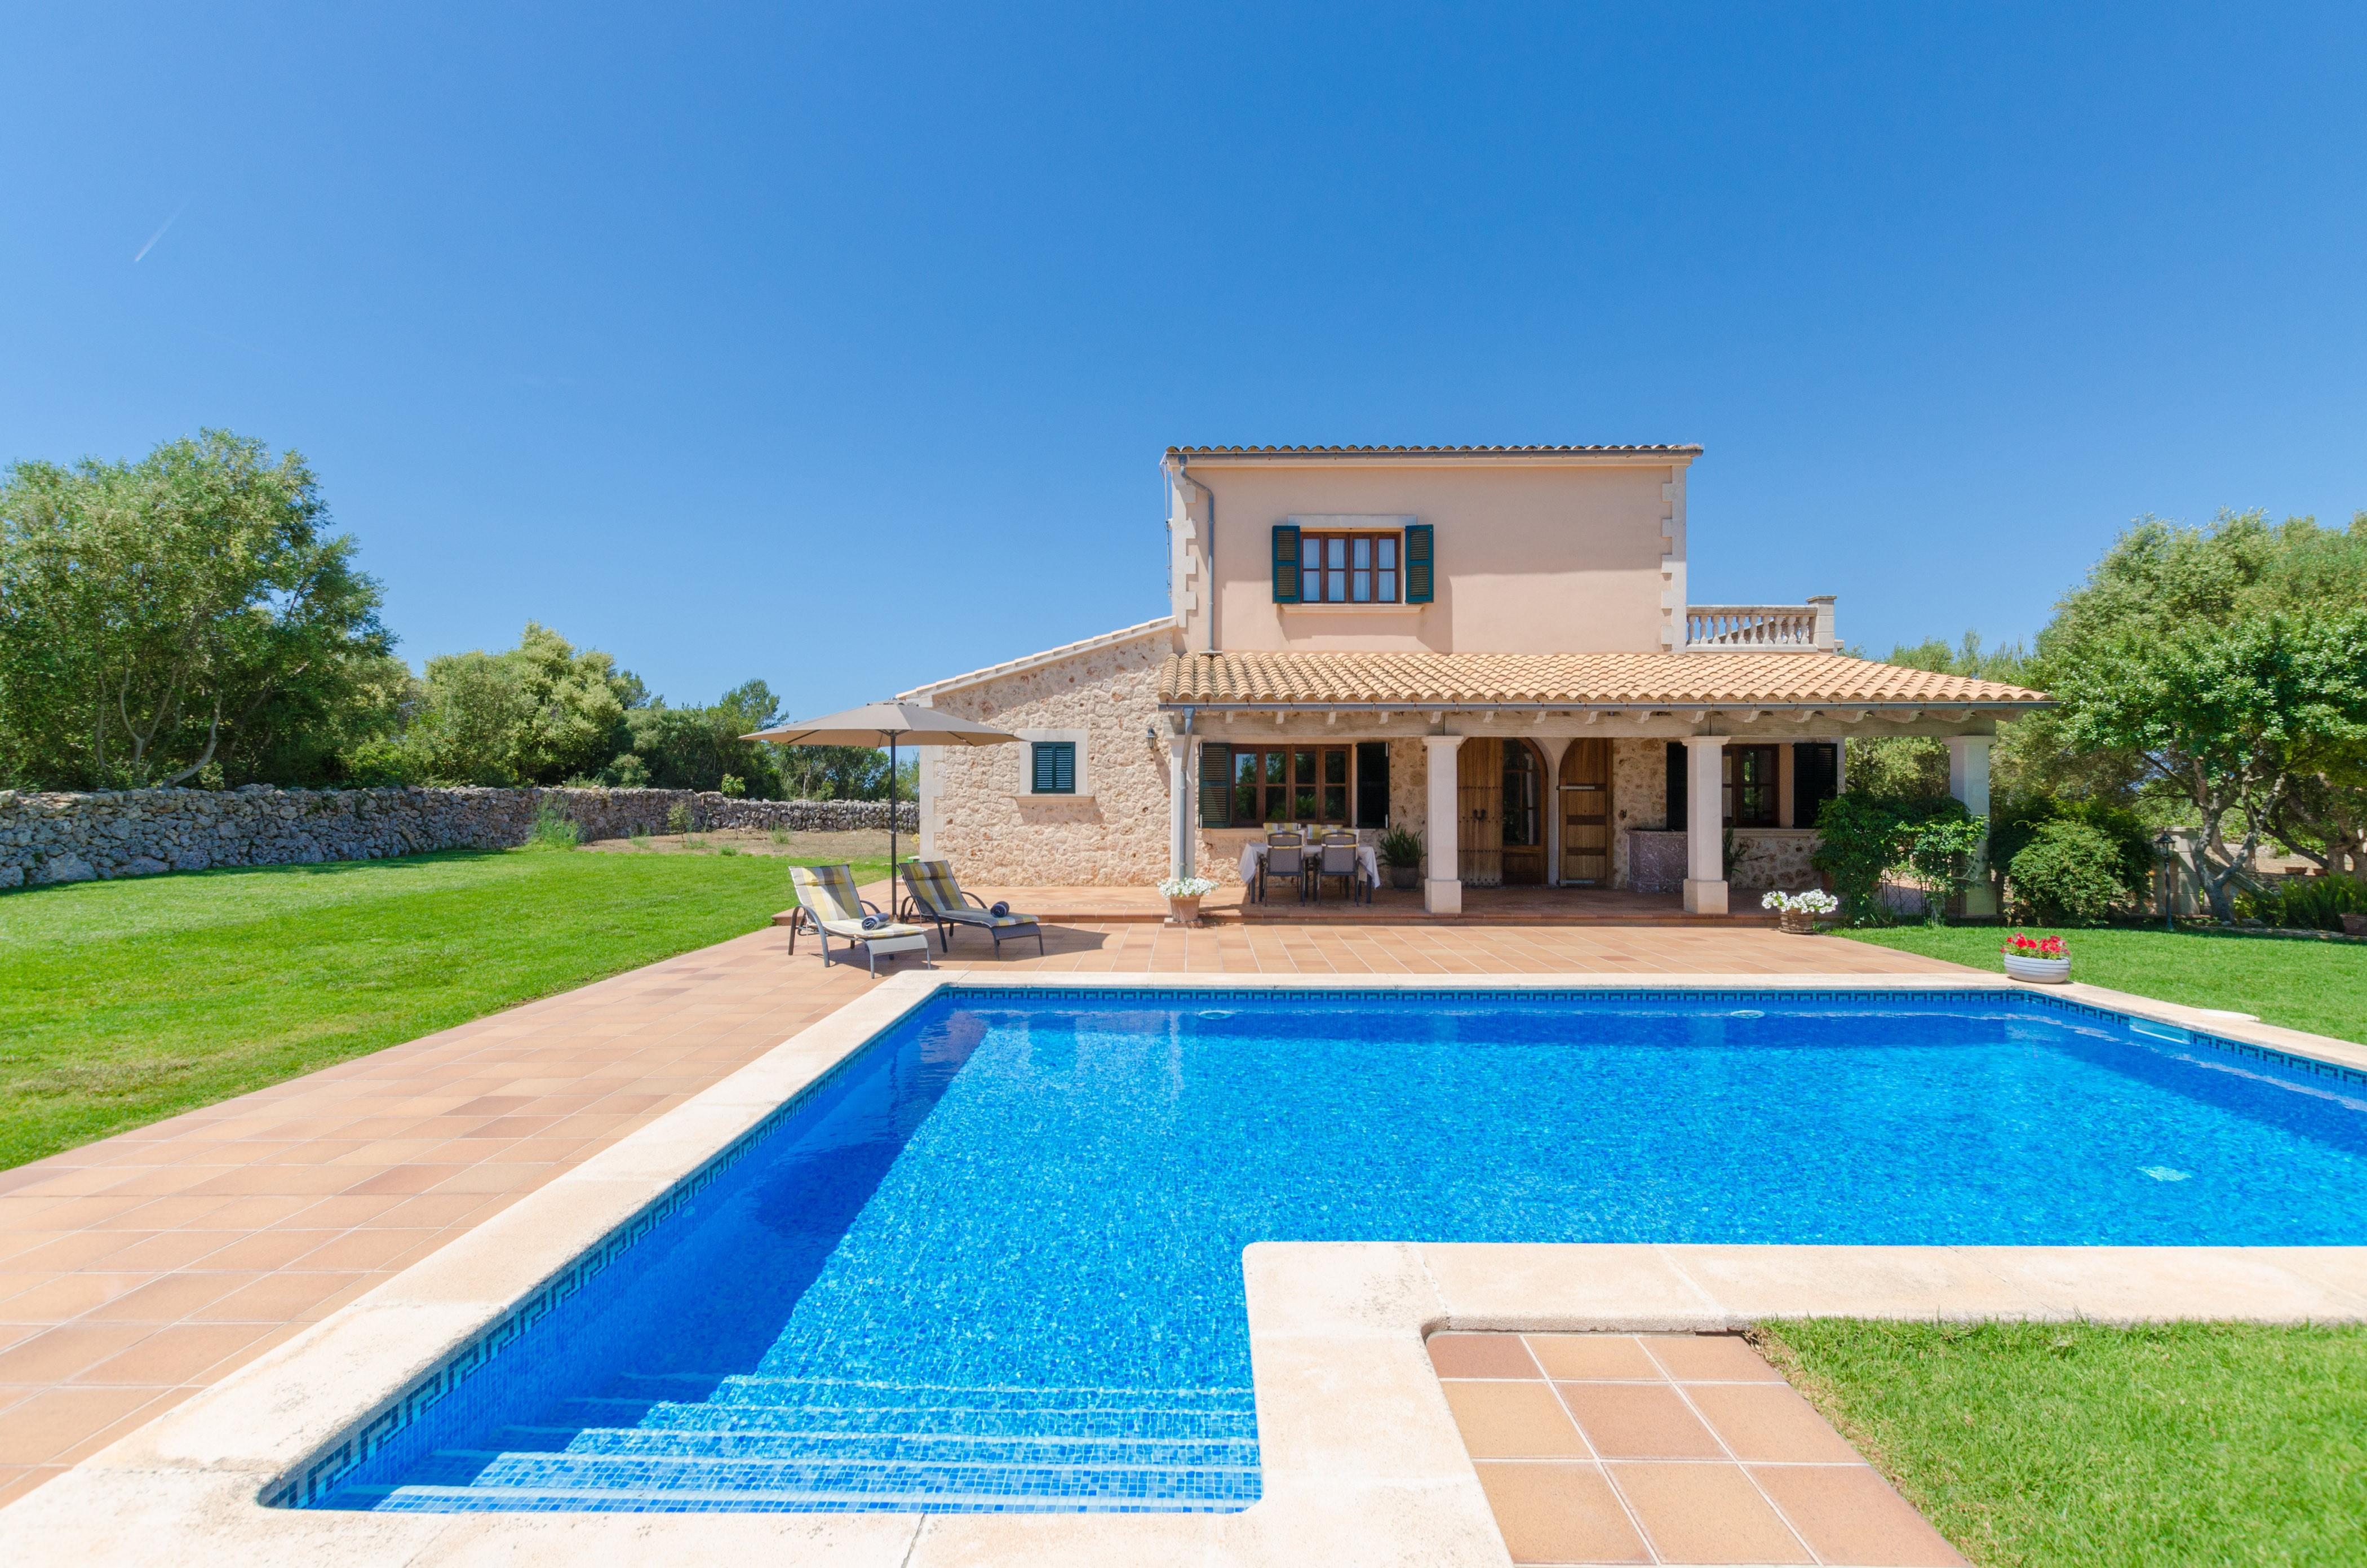 Maison de vacances ES VEDAT (2632993), Lloret de Vistalegre, Majorque, Iles Baléares, Espagne, image 2